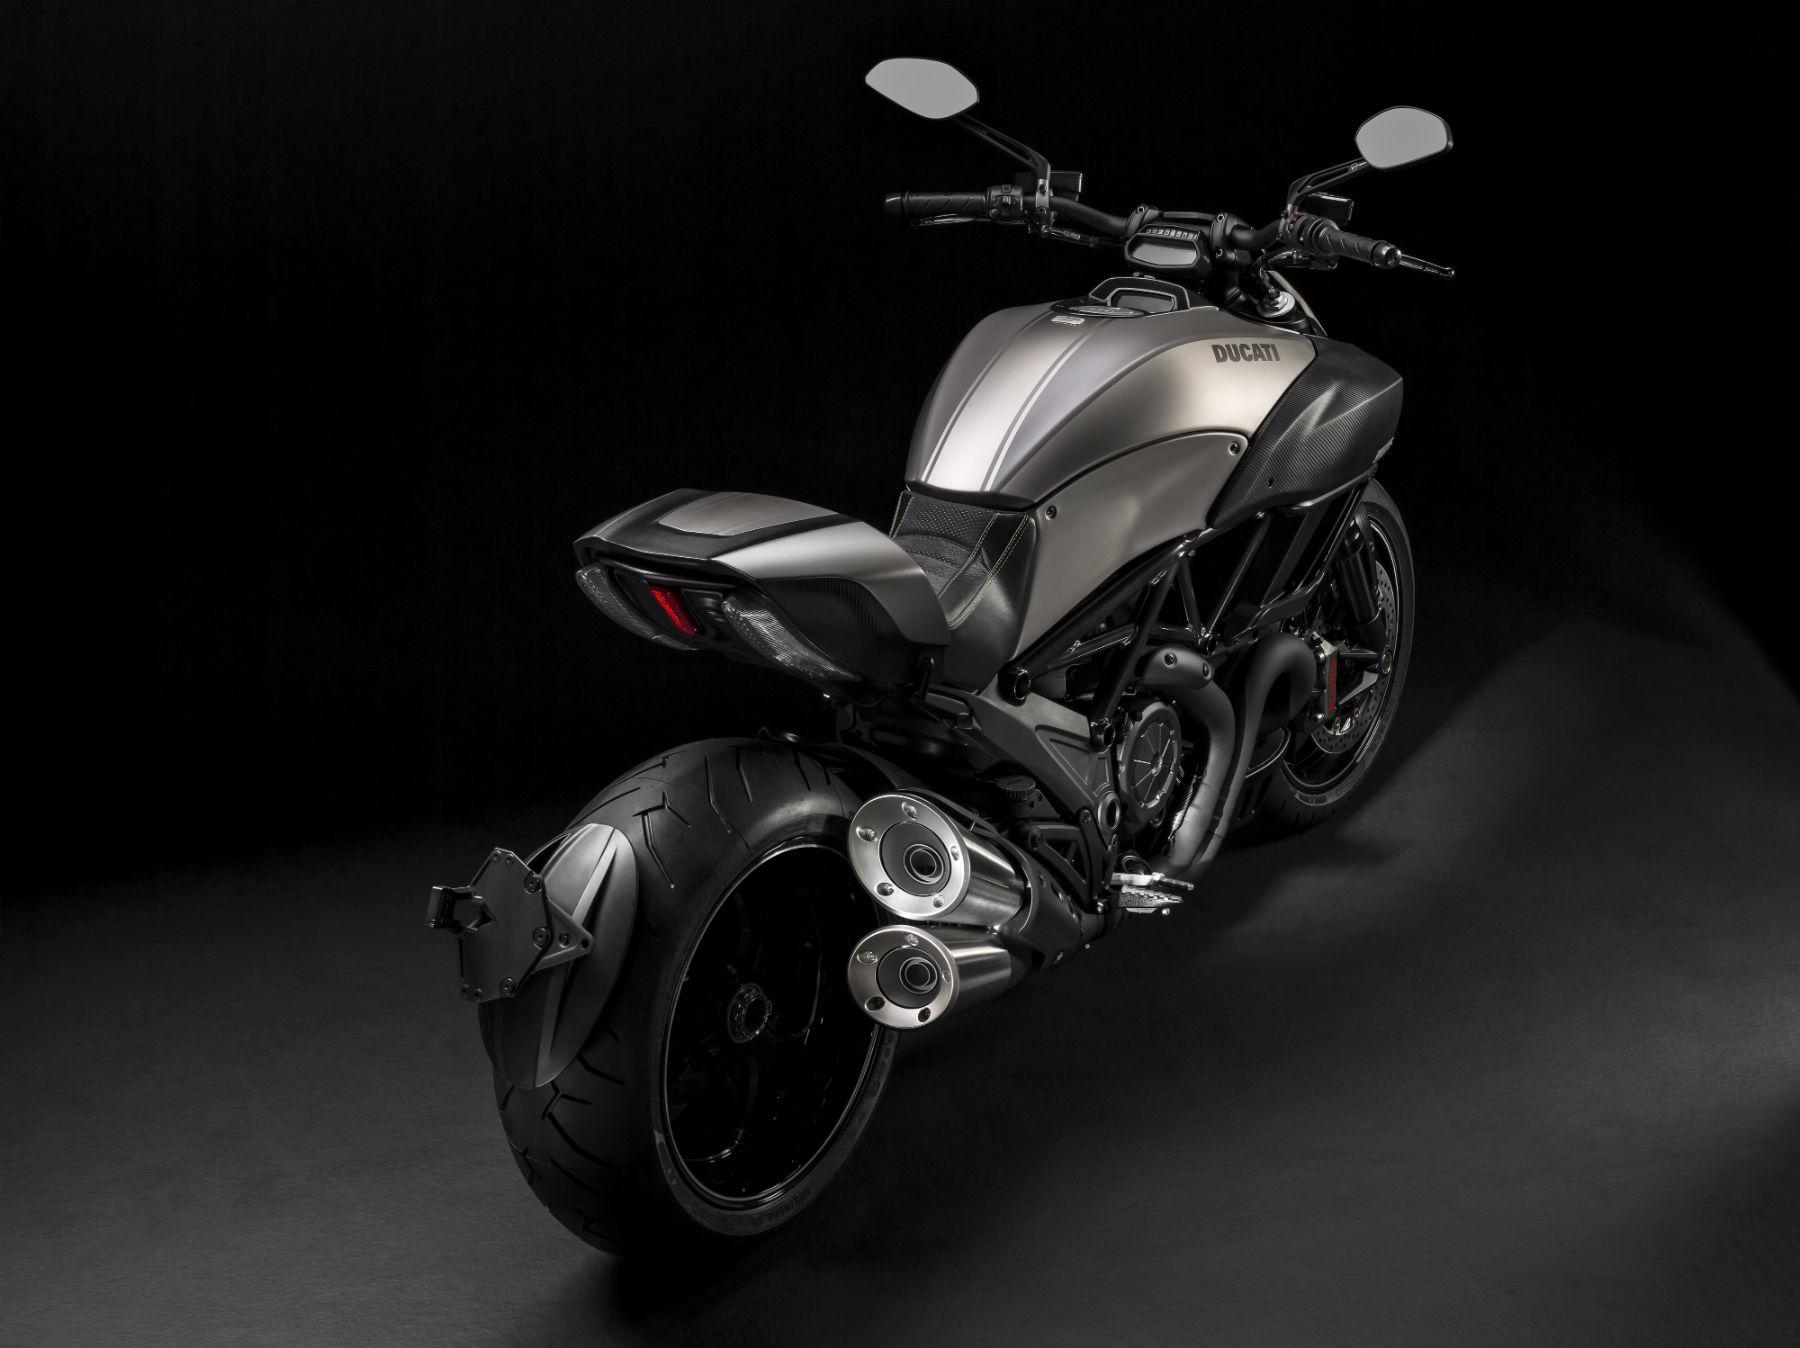 Ducati Diavel Titanium unveiled at Eicma